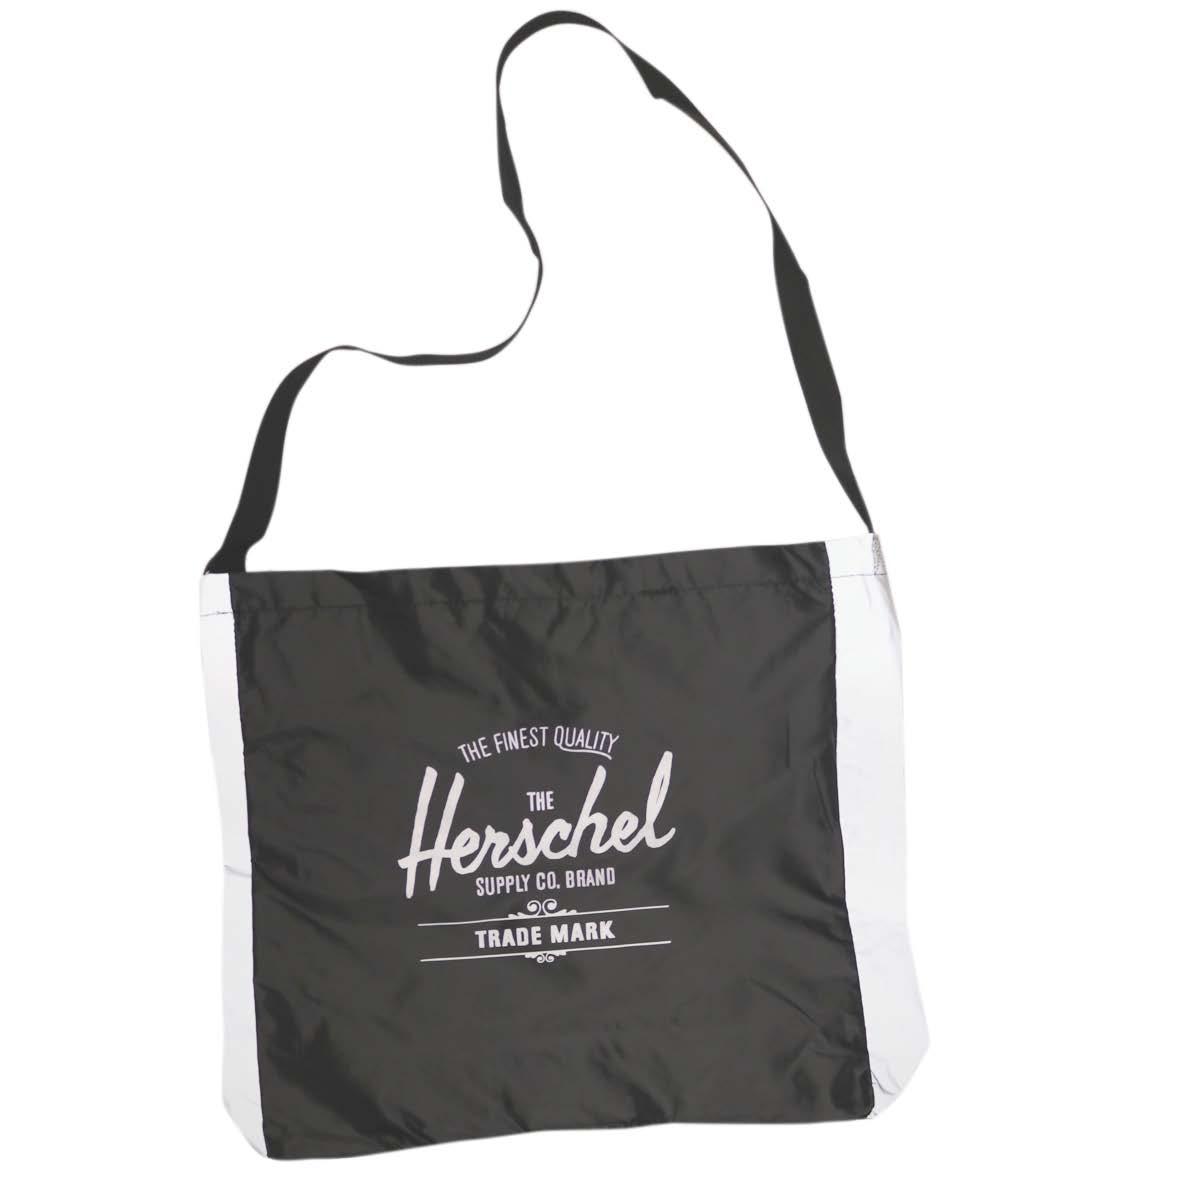 免费 Herschel 购物袋